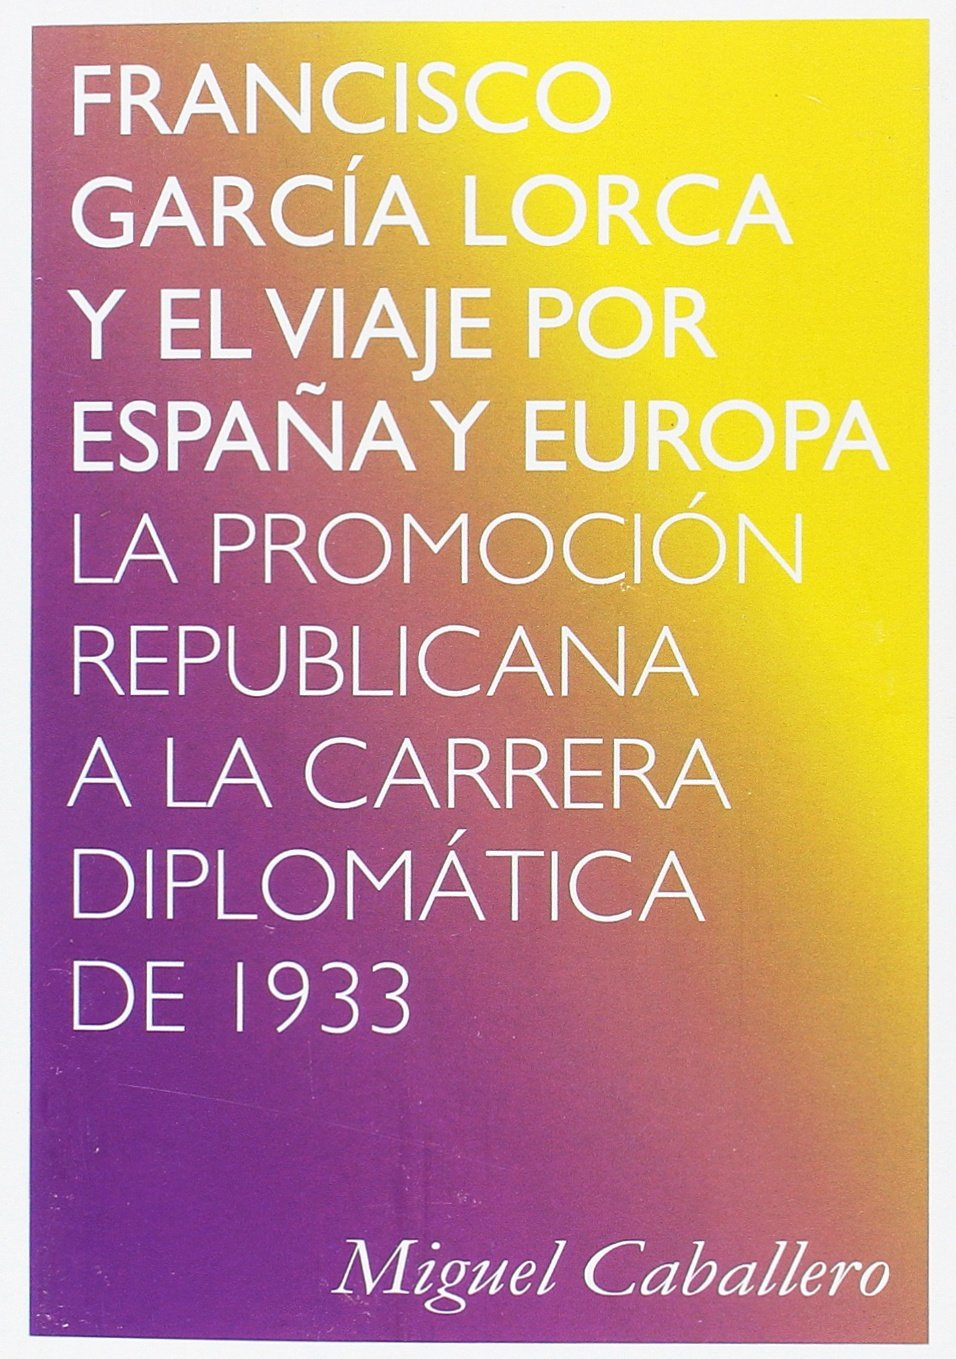 Francisco García Lorca y el viaje por España y Europa: La promoción republicana a la carrera diplomática de 1933: Amazon.es: Caballero, Miguel: Libros